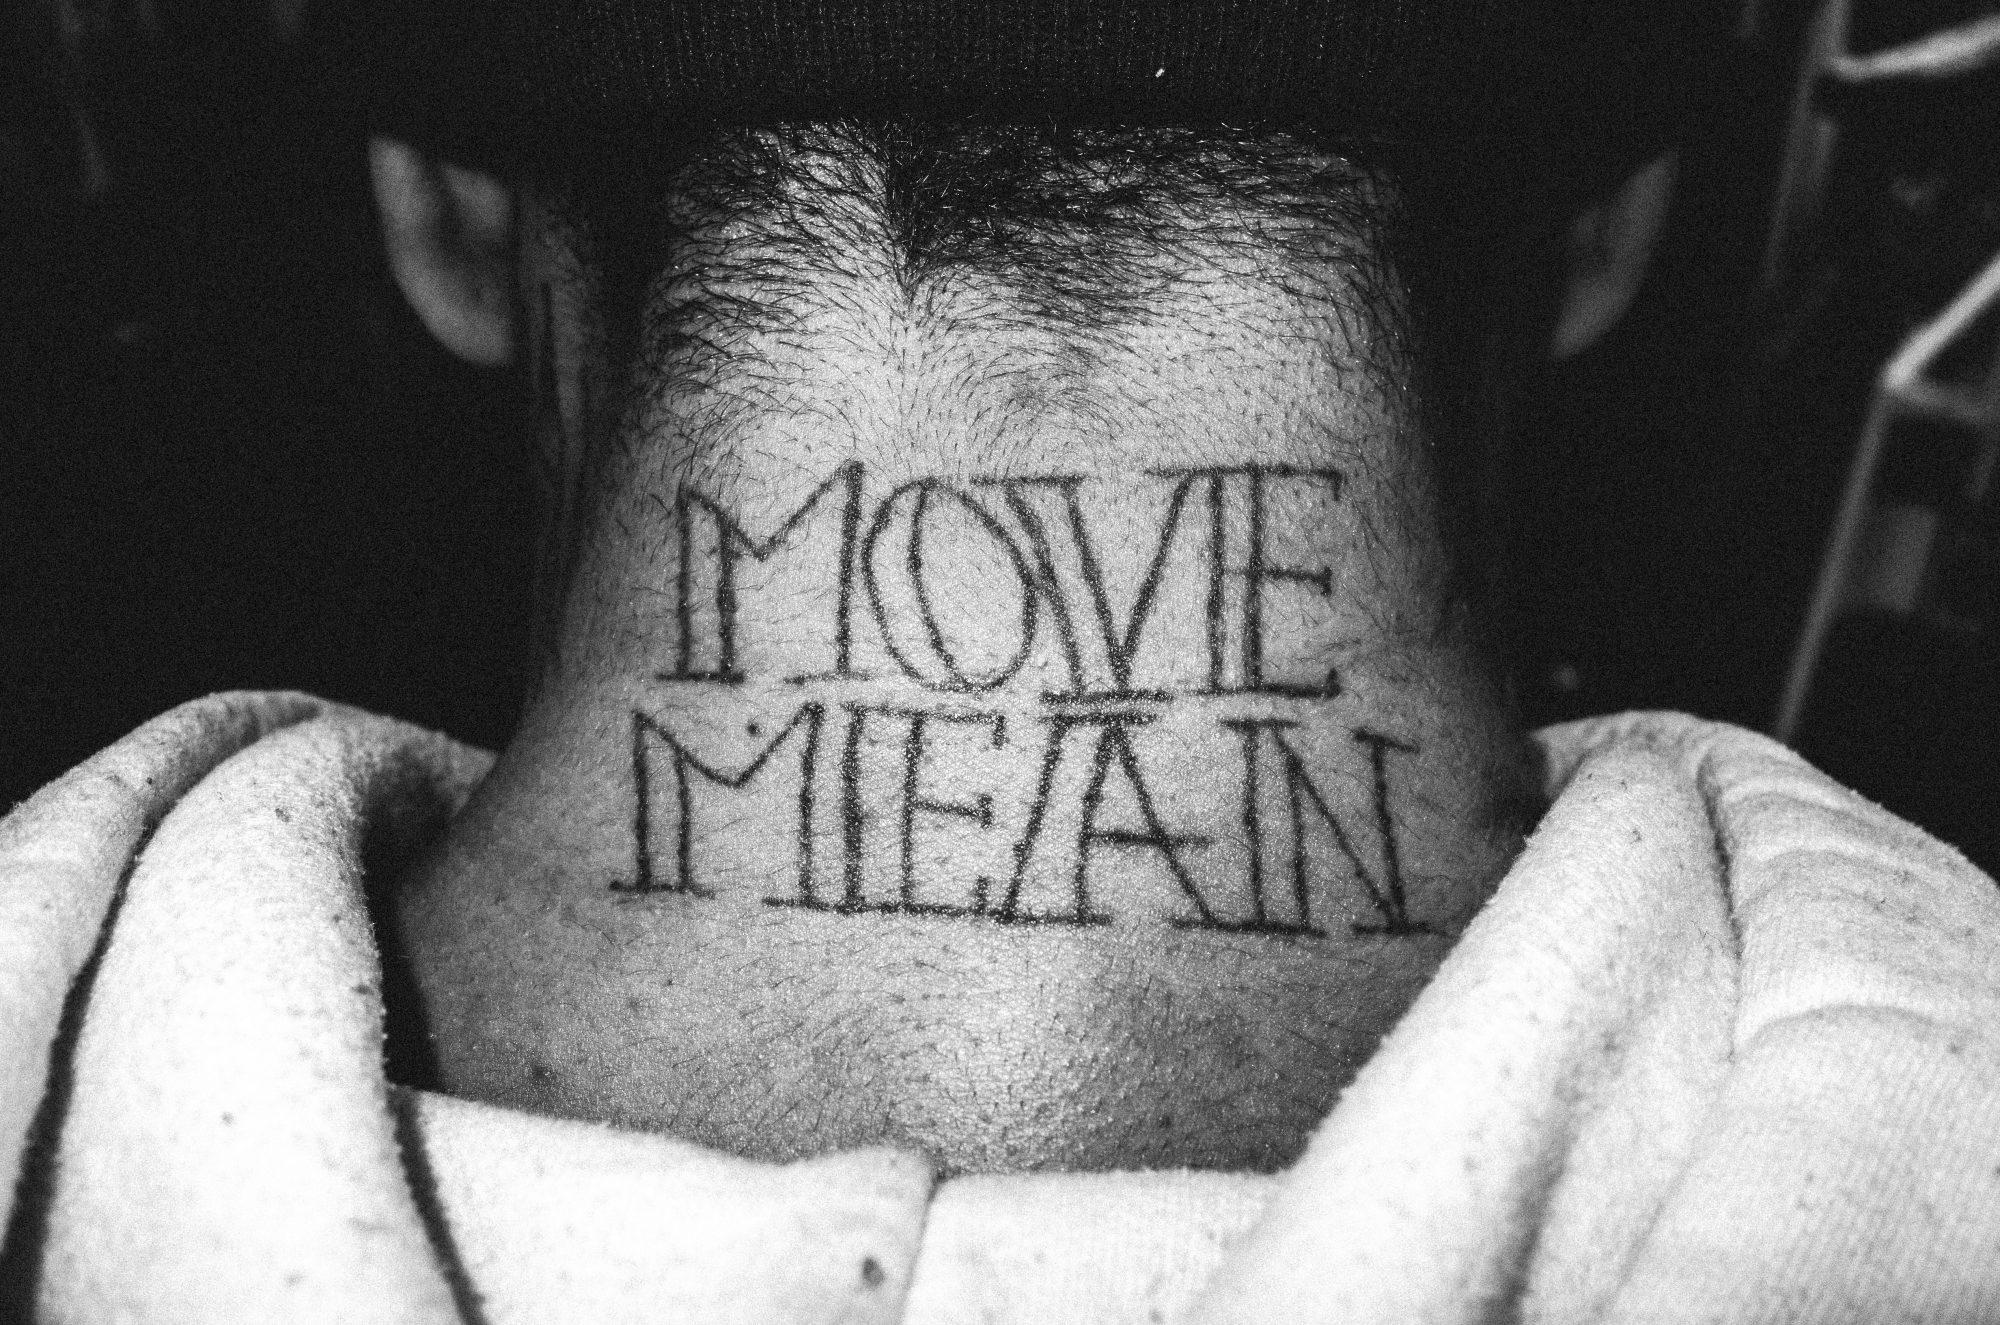 move mean